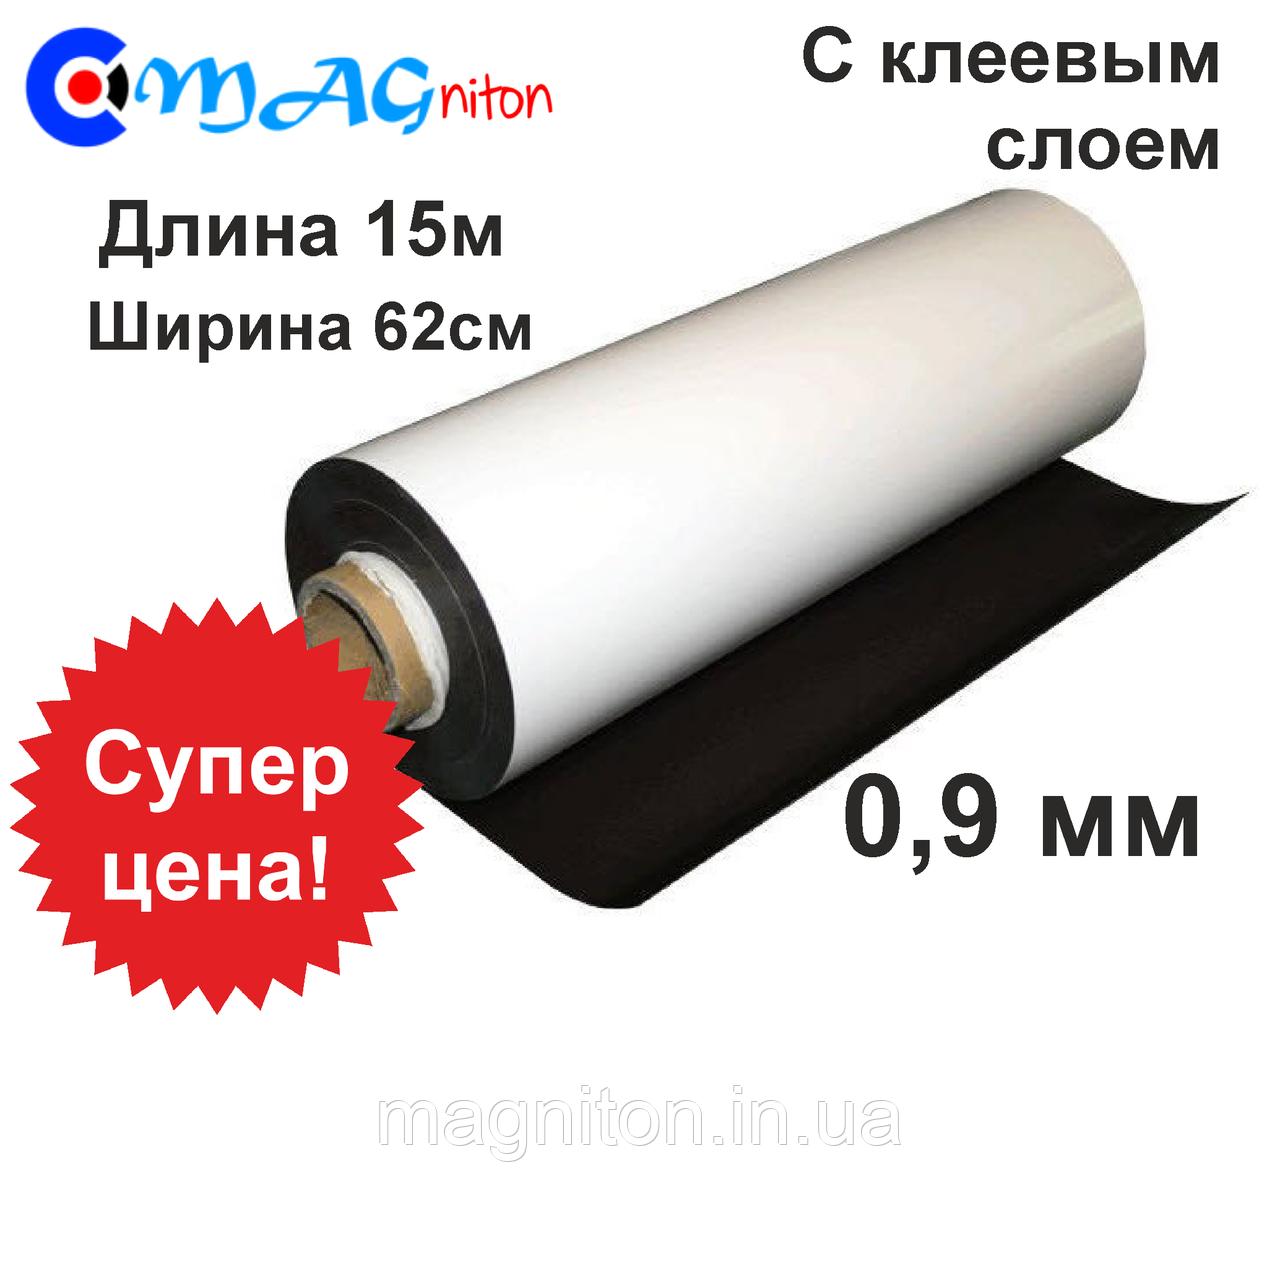 Магнитный винил в рулонах с клеевым слоем 0,9мм 15м